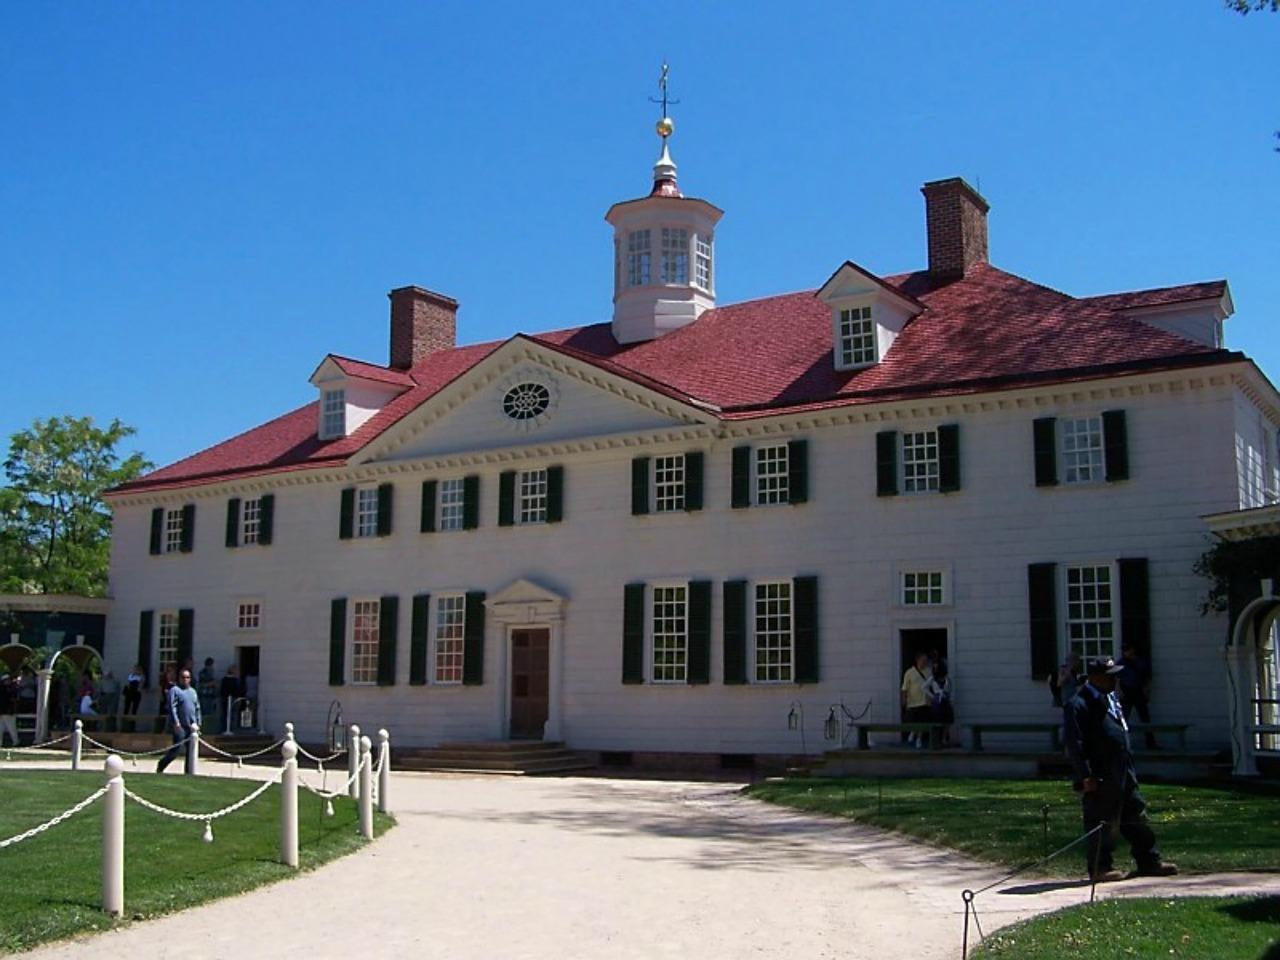 ジョージ・ワシントンの家とマウント・バーノン 半日観光